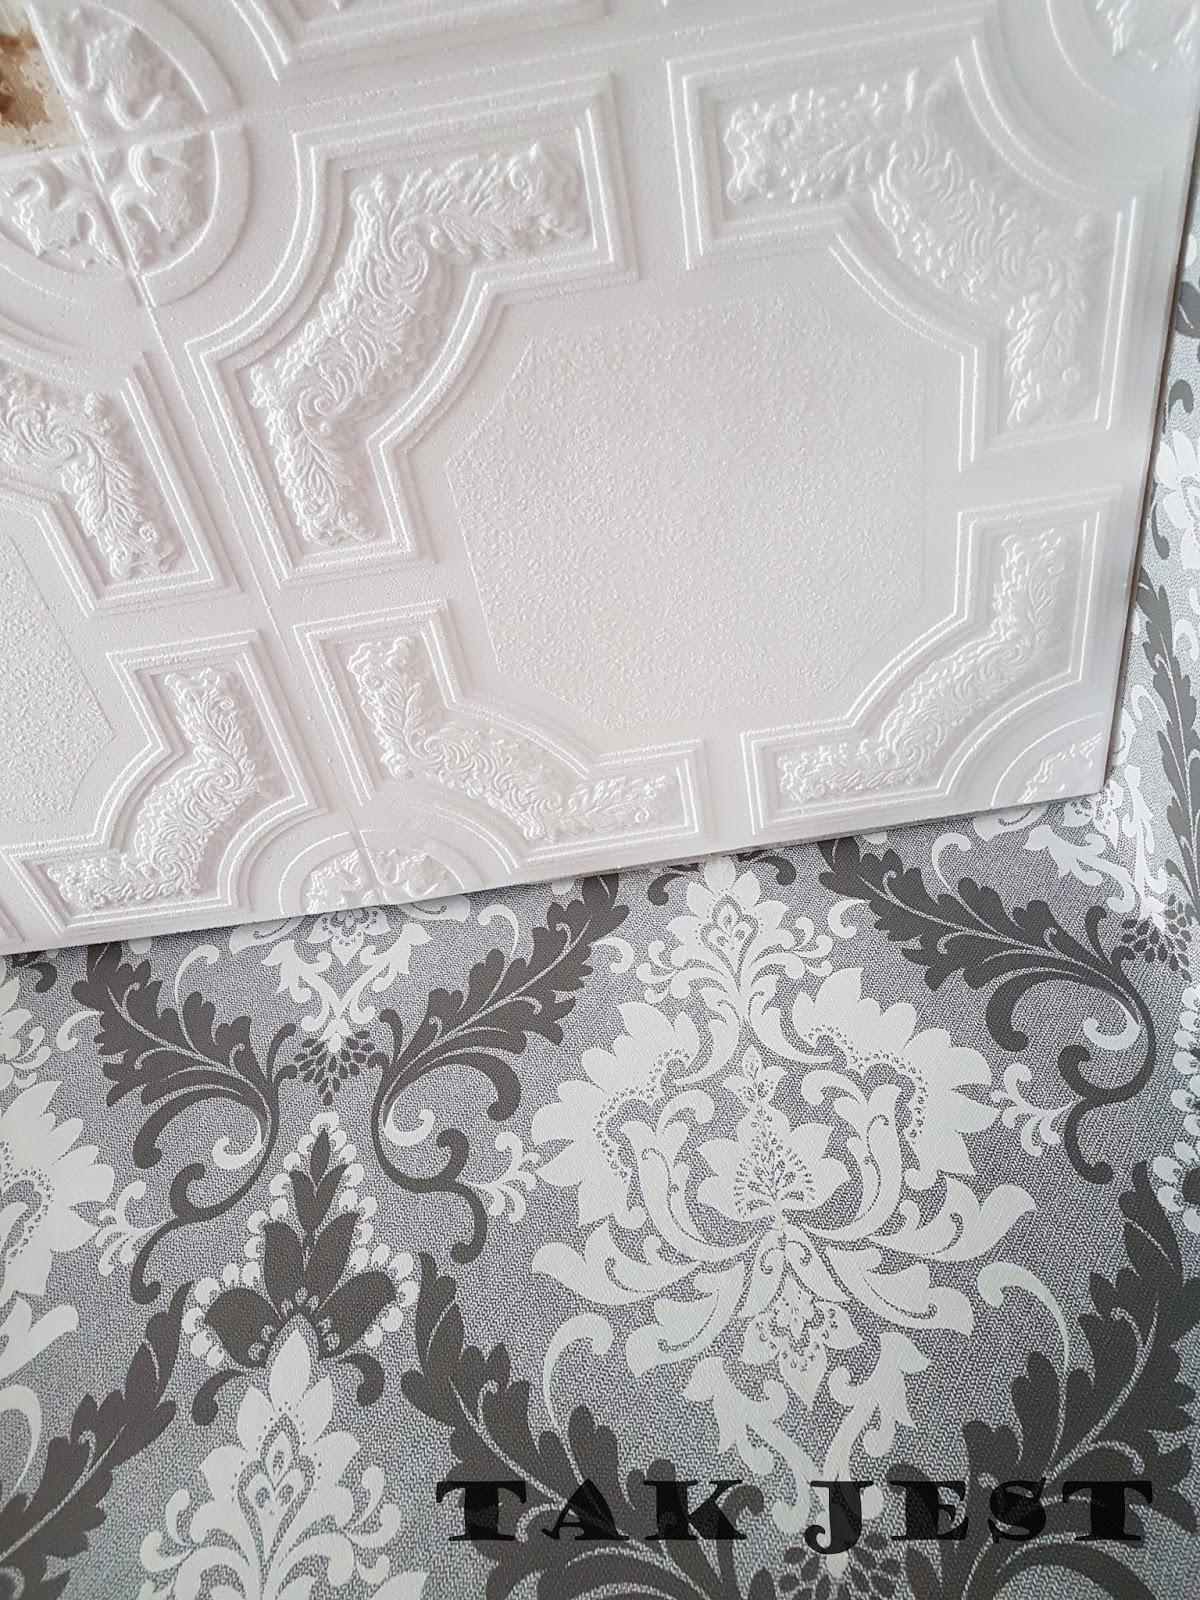 Remont - tak jest - sufit - kasetony - tapety - ściany